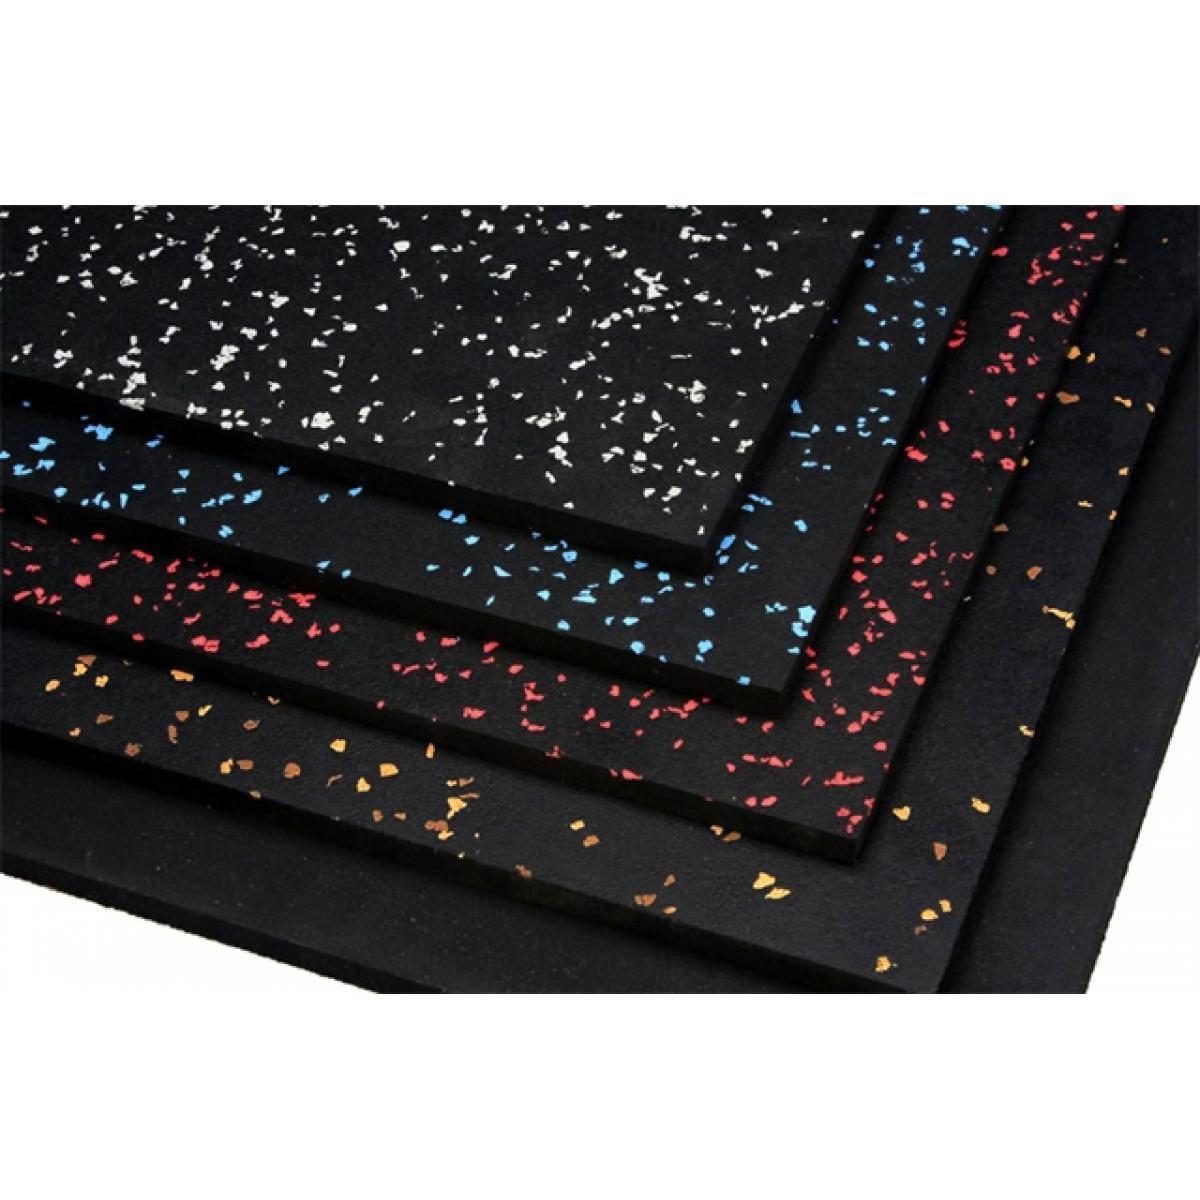 Резино-каучуковые покрытия 8 мм чёрный, с цветными вкраплениями